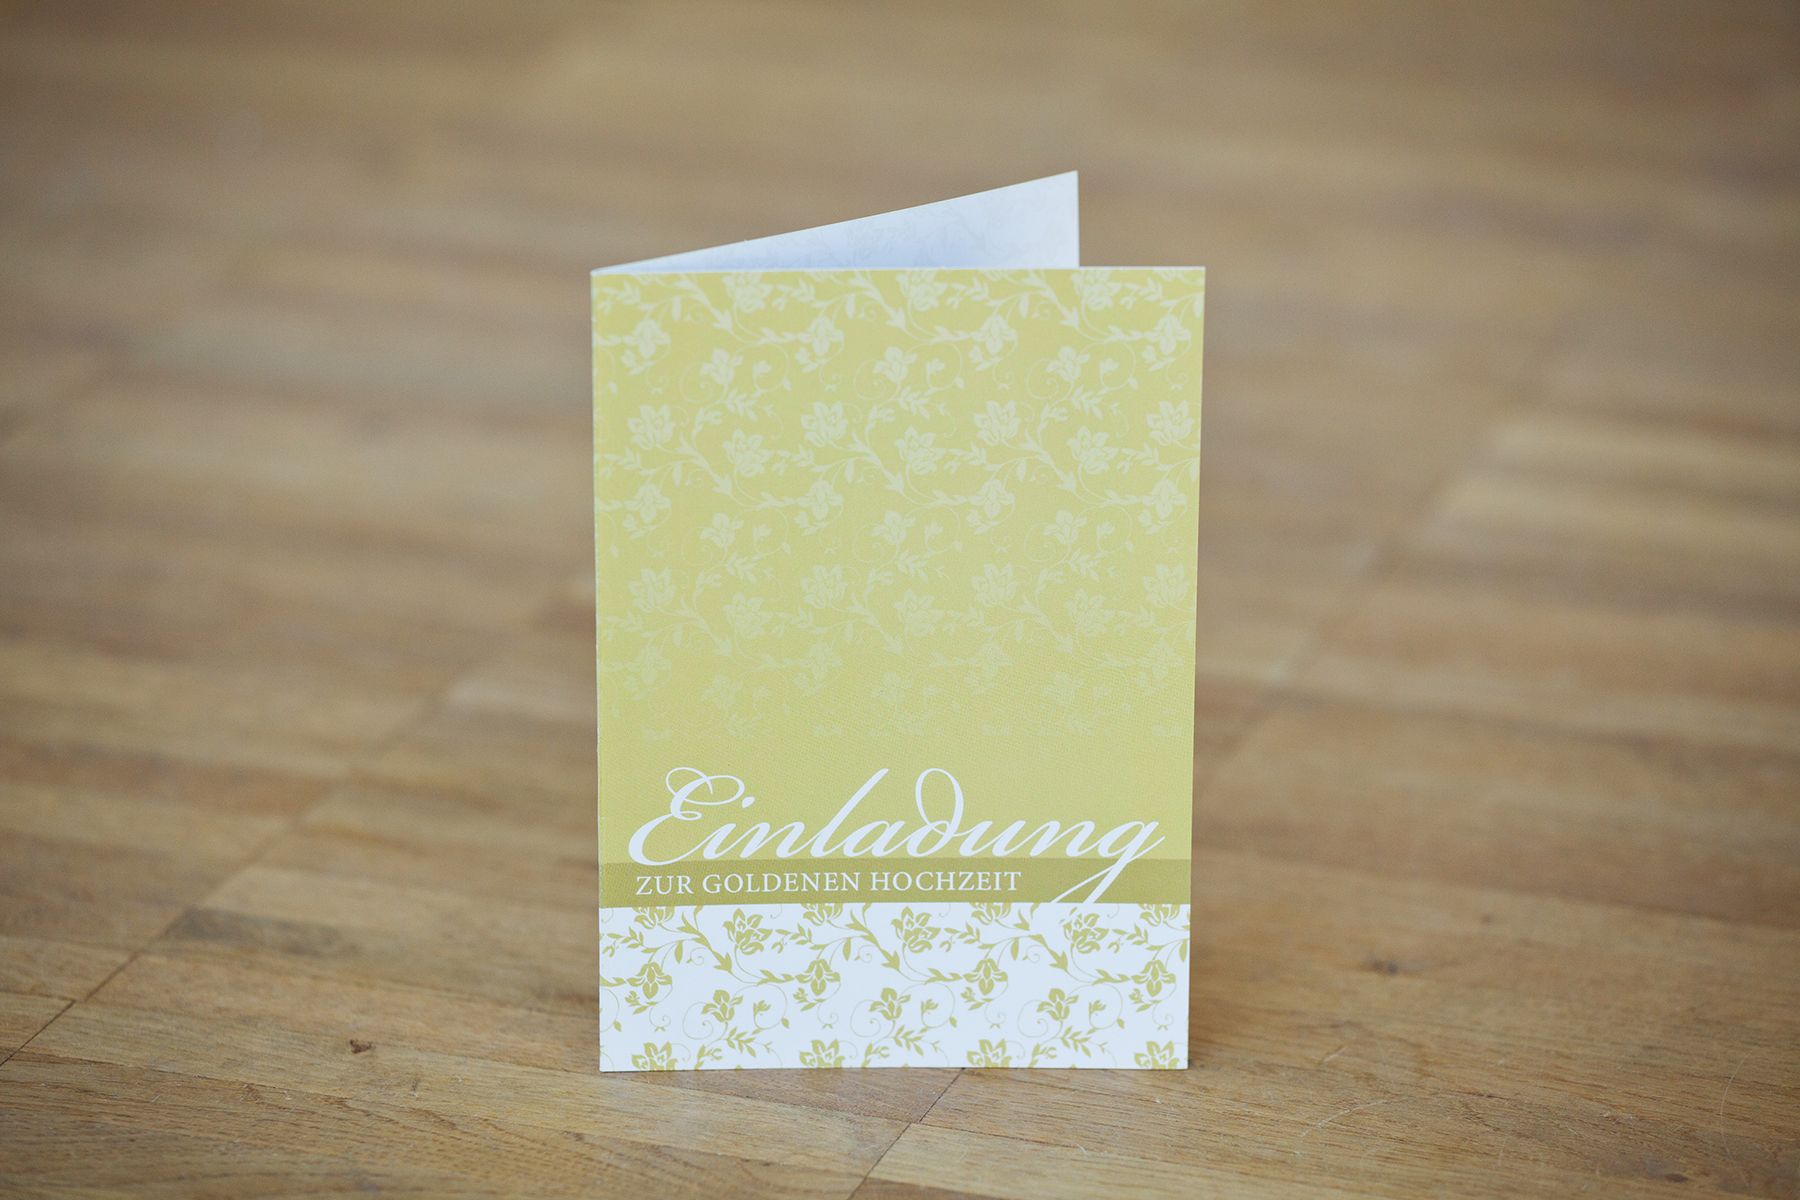 Goldene Hochzeit, Einladung